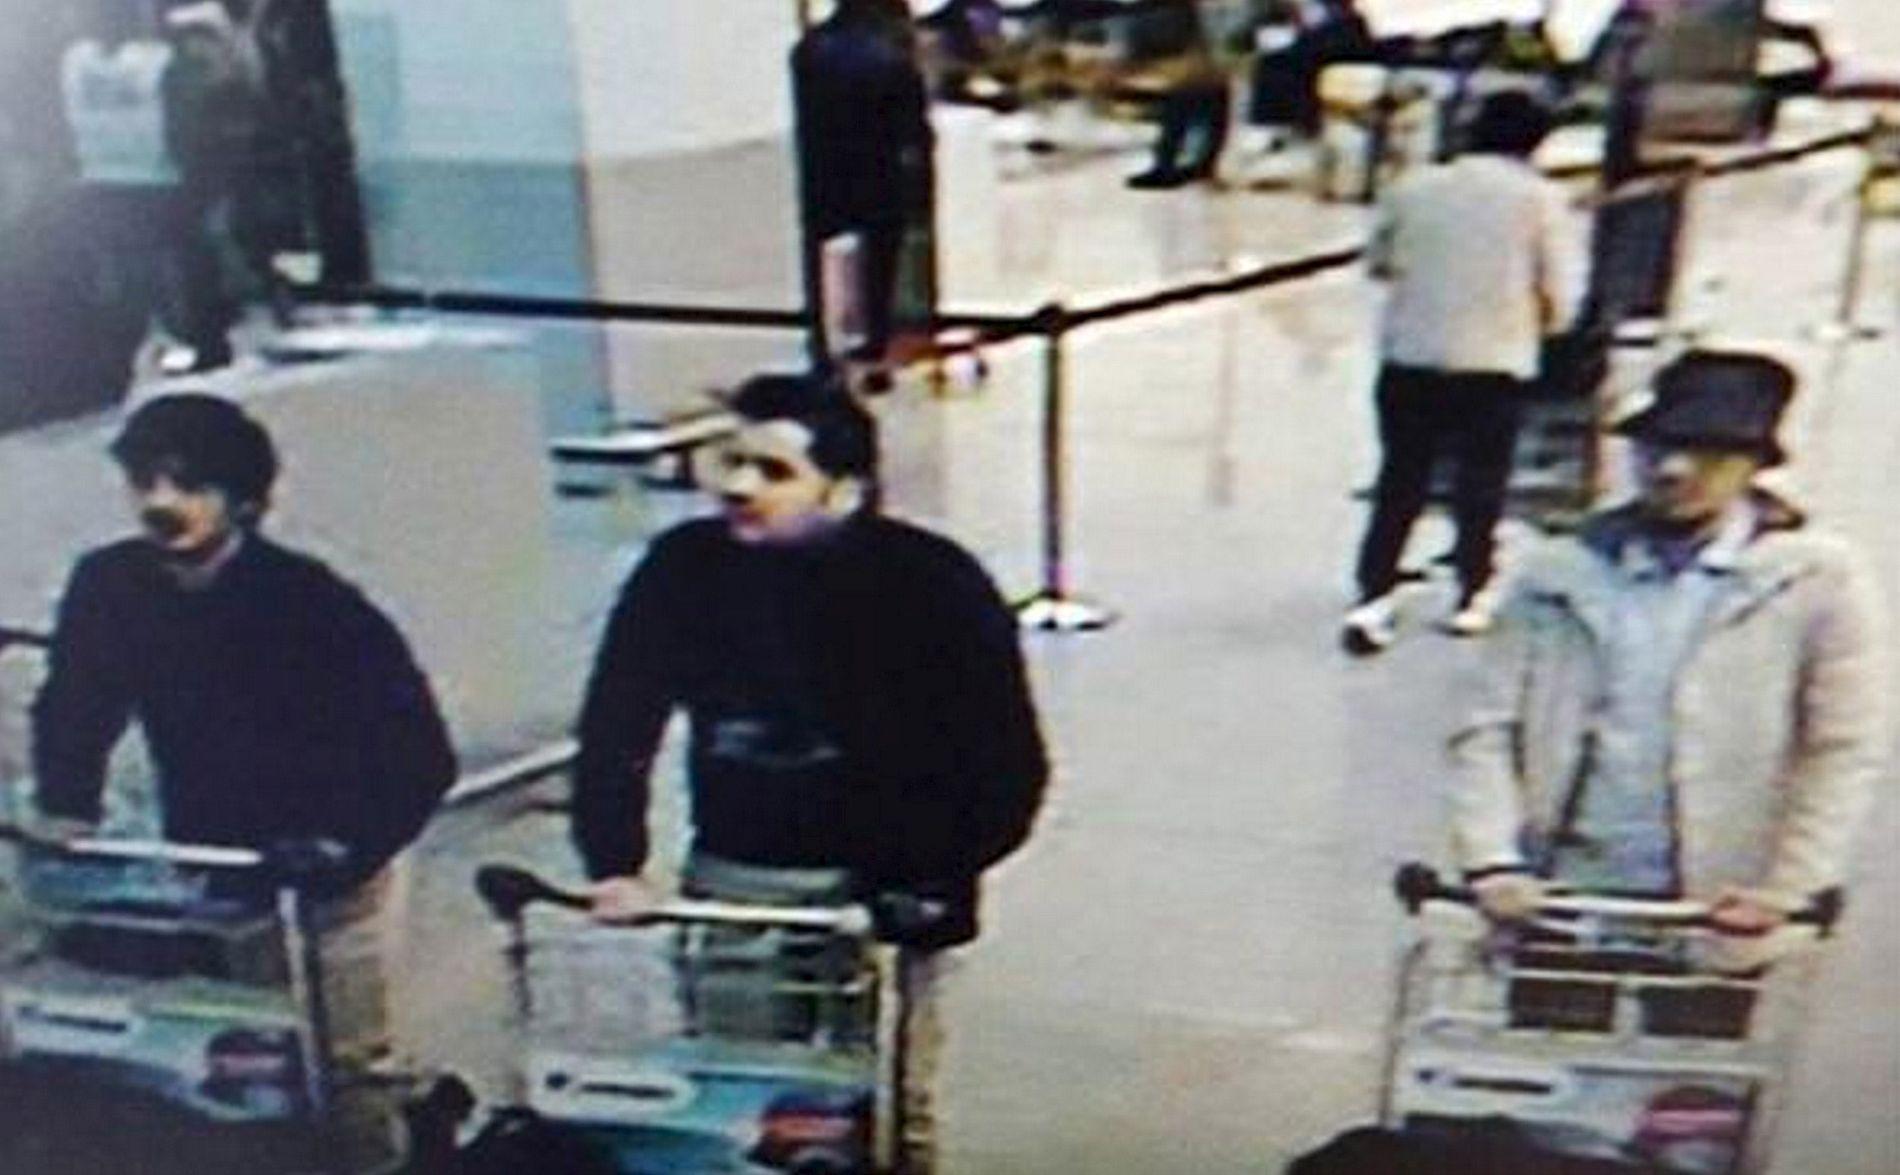 TERRORISTER: Mannen i hvitt og med hatt er nå identifisert som Fayçal Cheffou.